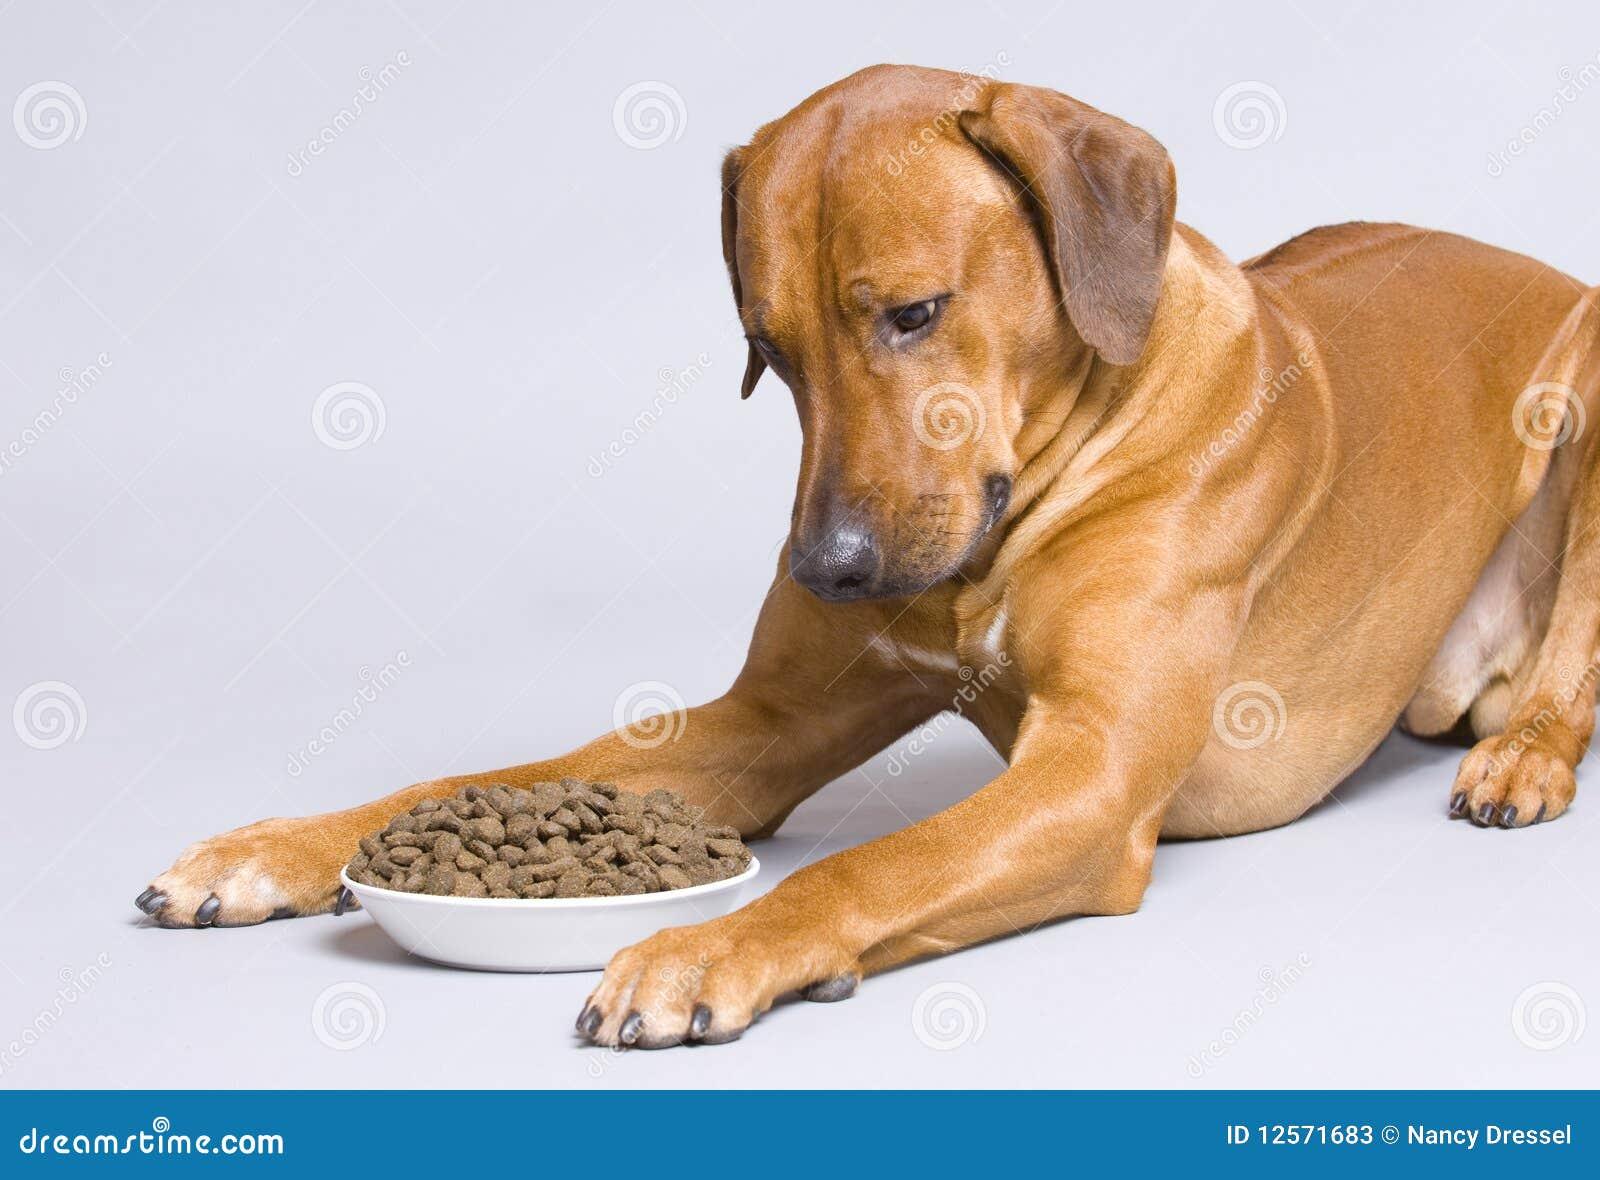 Dog lying at full food bowl